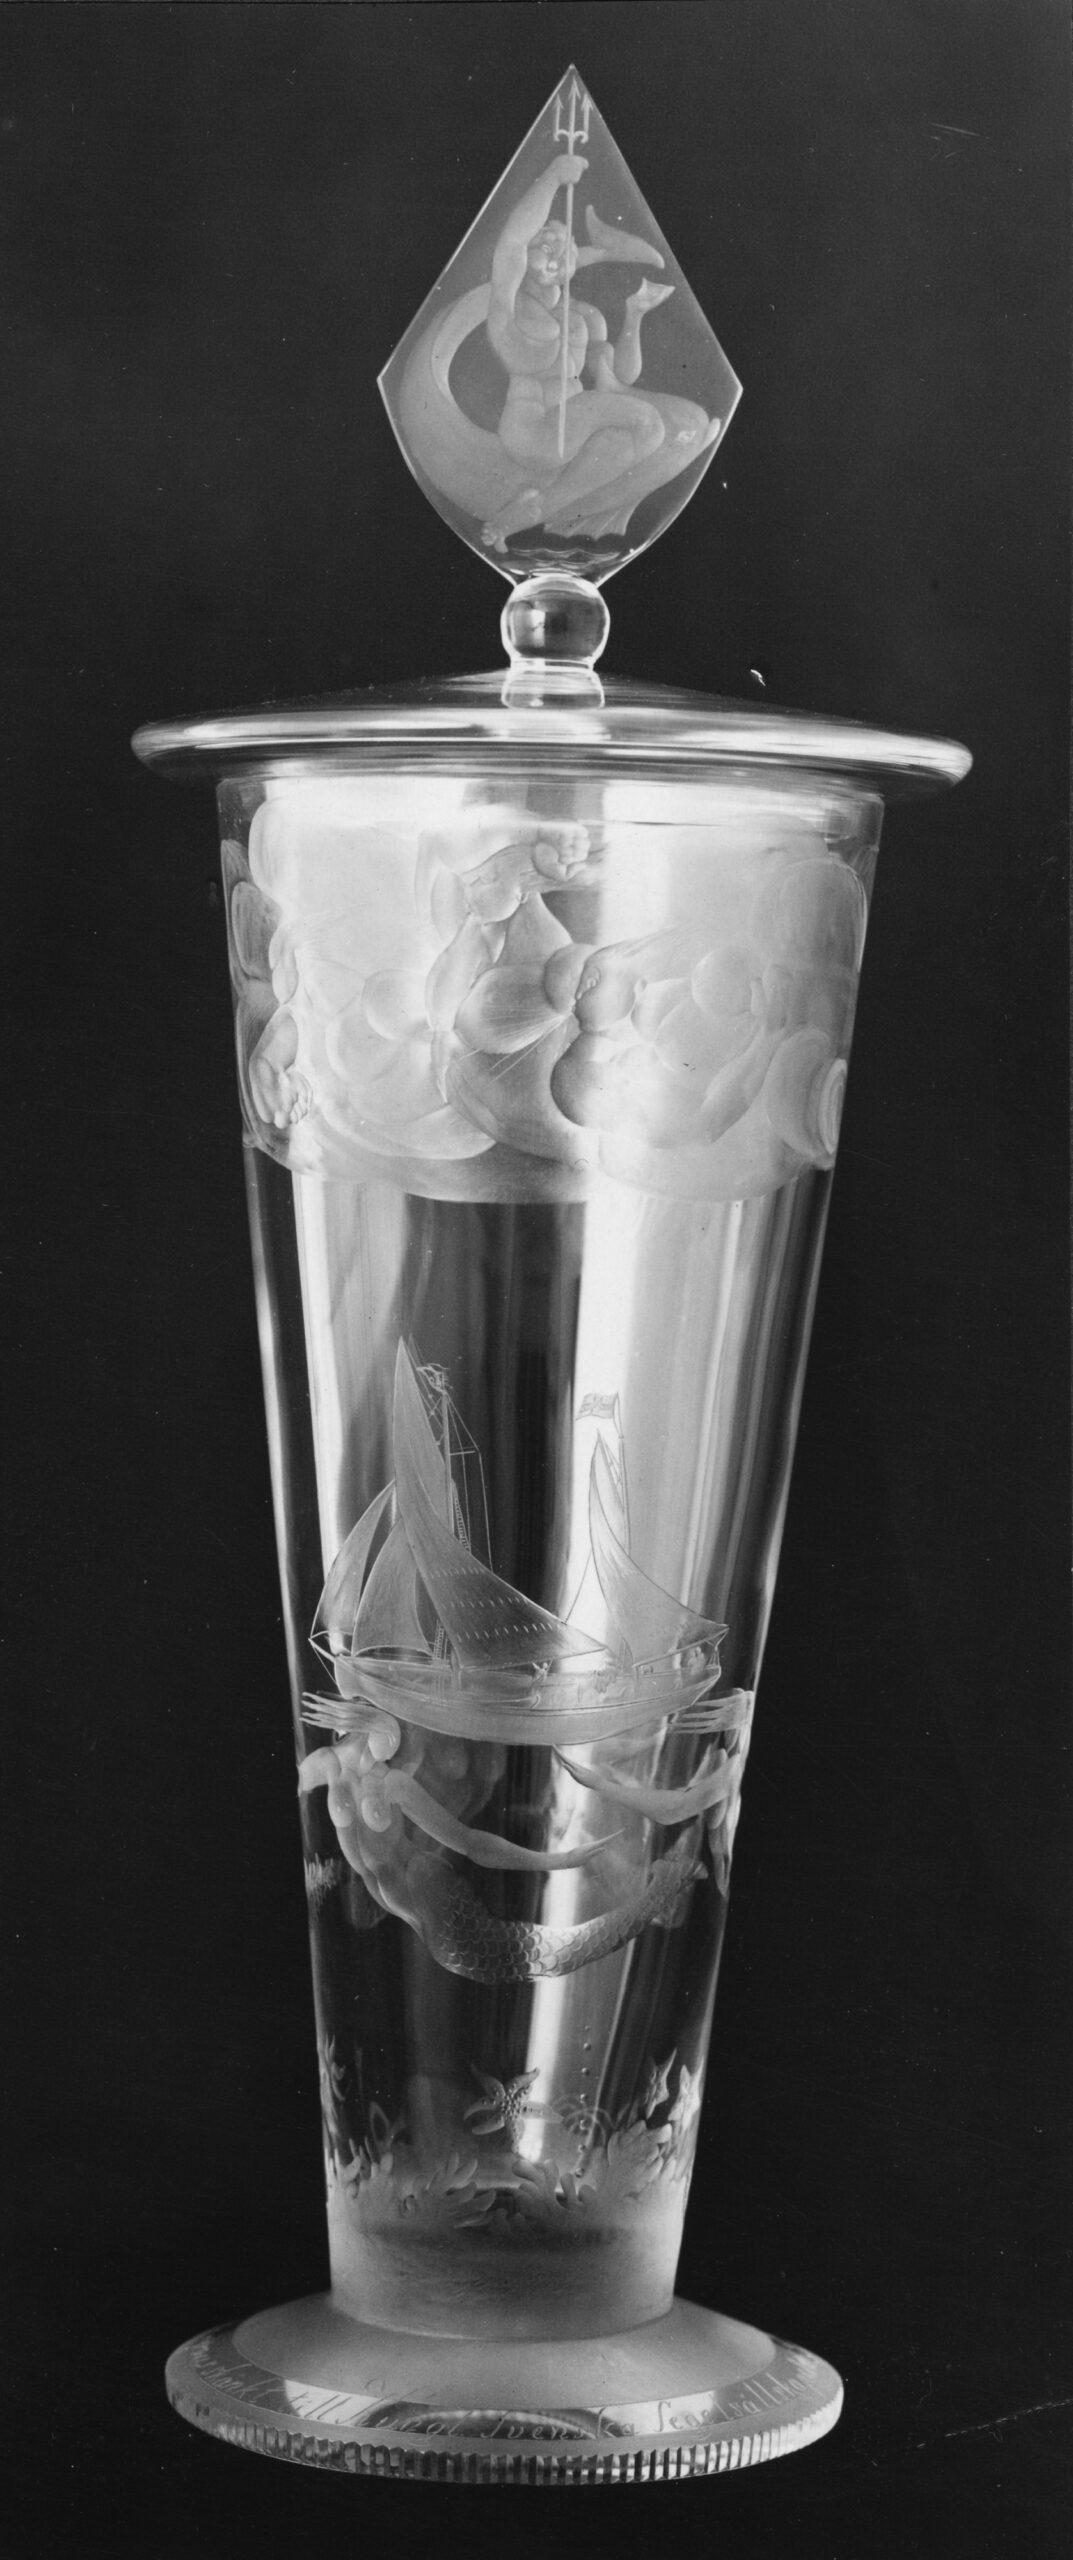 Fidrapokalen instiftad 1924 för seglingar med 75 kvm skärgårdskryssare. Fotografiet återgivet (med pokalen frilagd) bland försättsplanscherna i KSSS årsbok 1926.